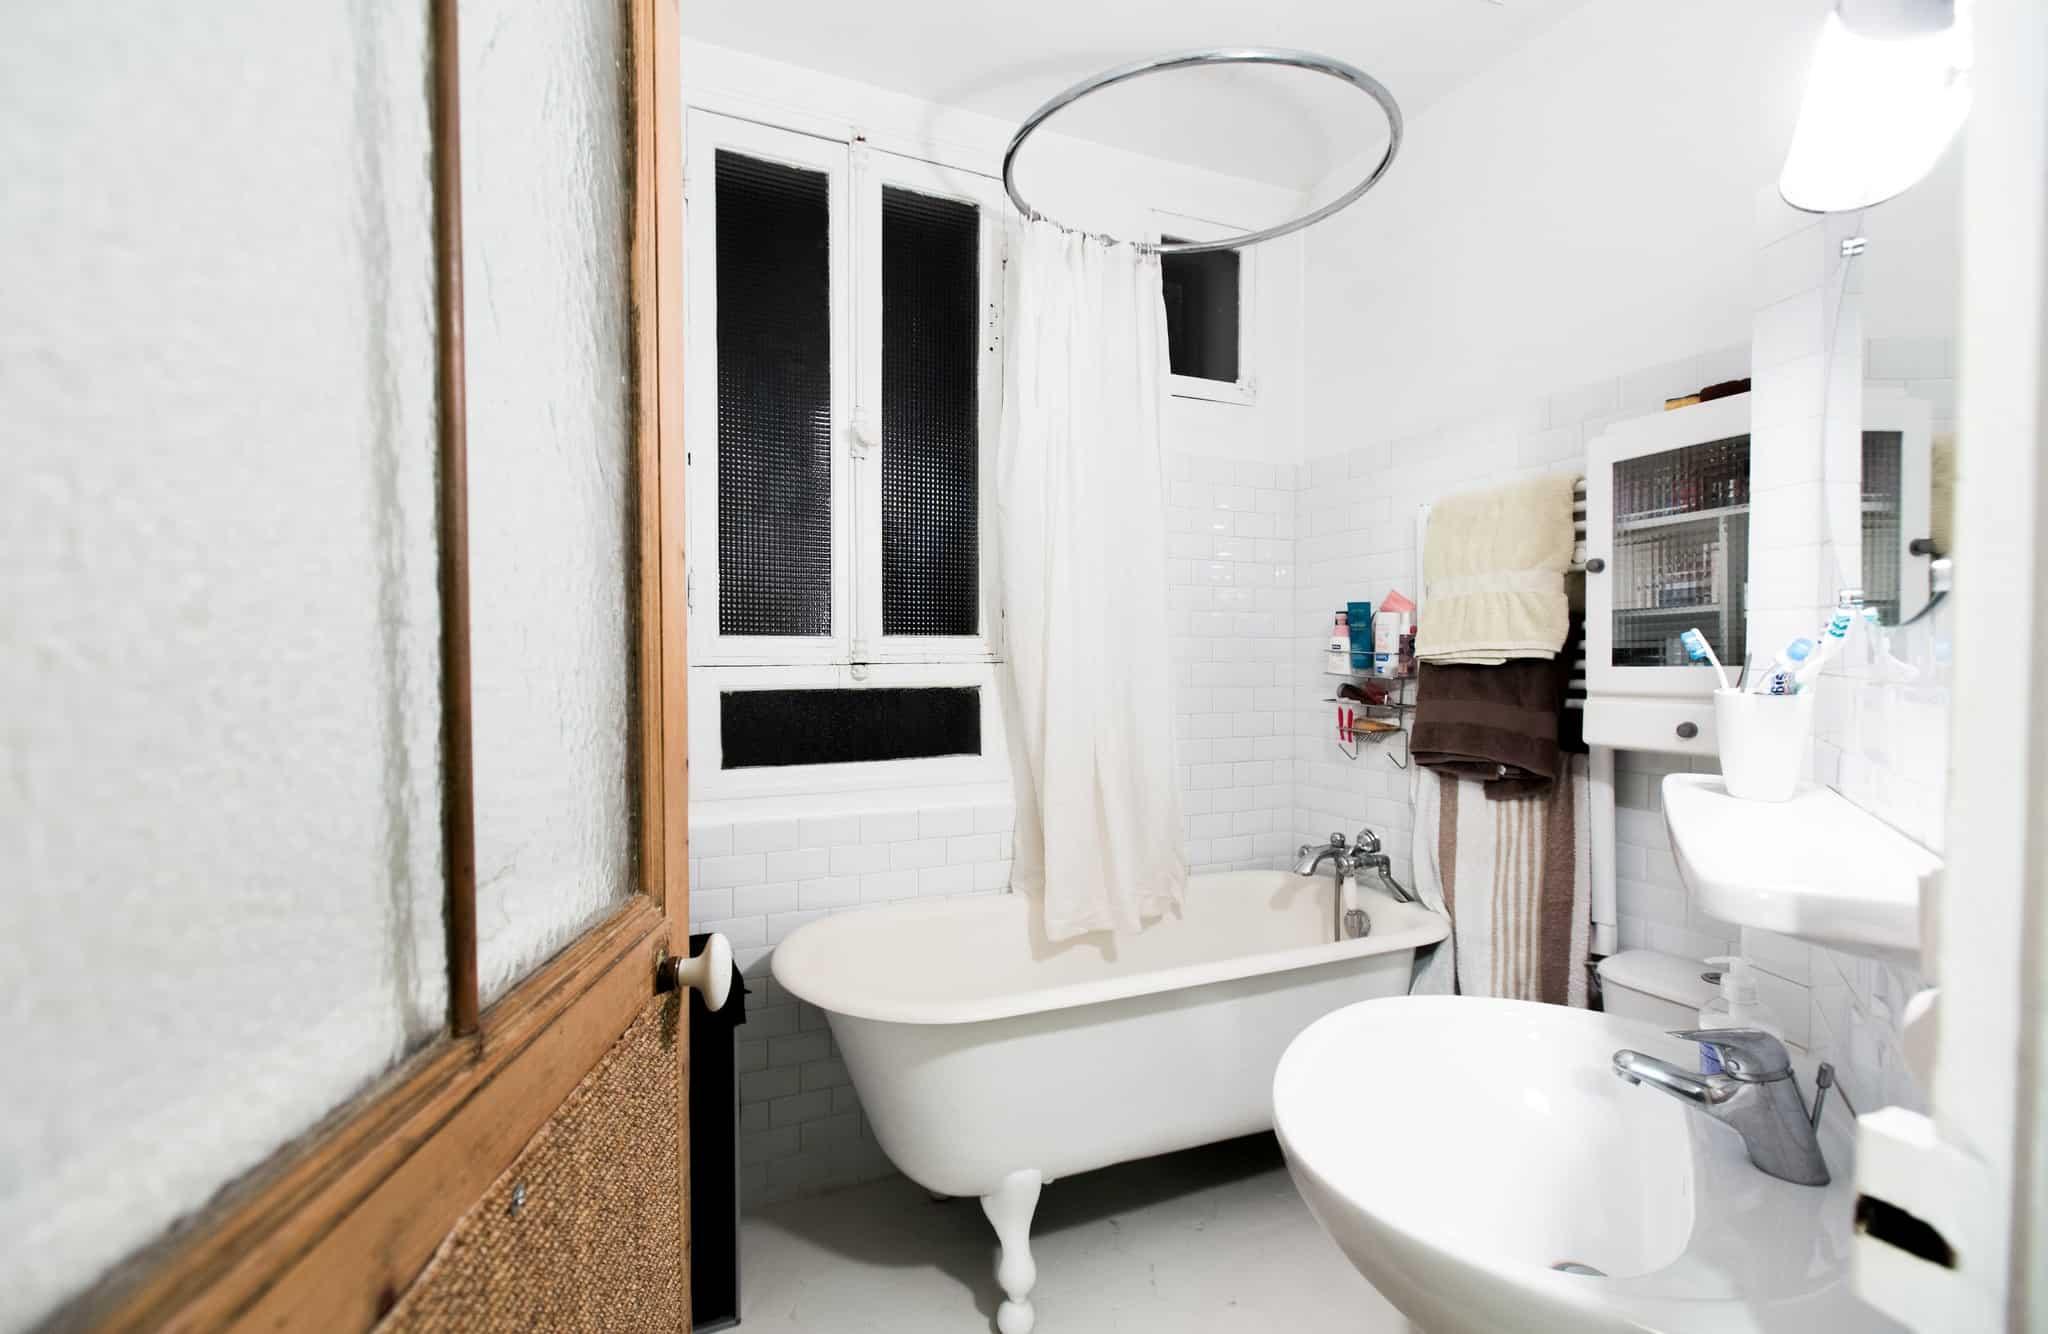 Prezzo ristrutturazione casa a roma blog edilnet - Costo medio ristrutturazione bagno ...